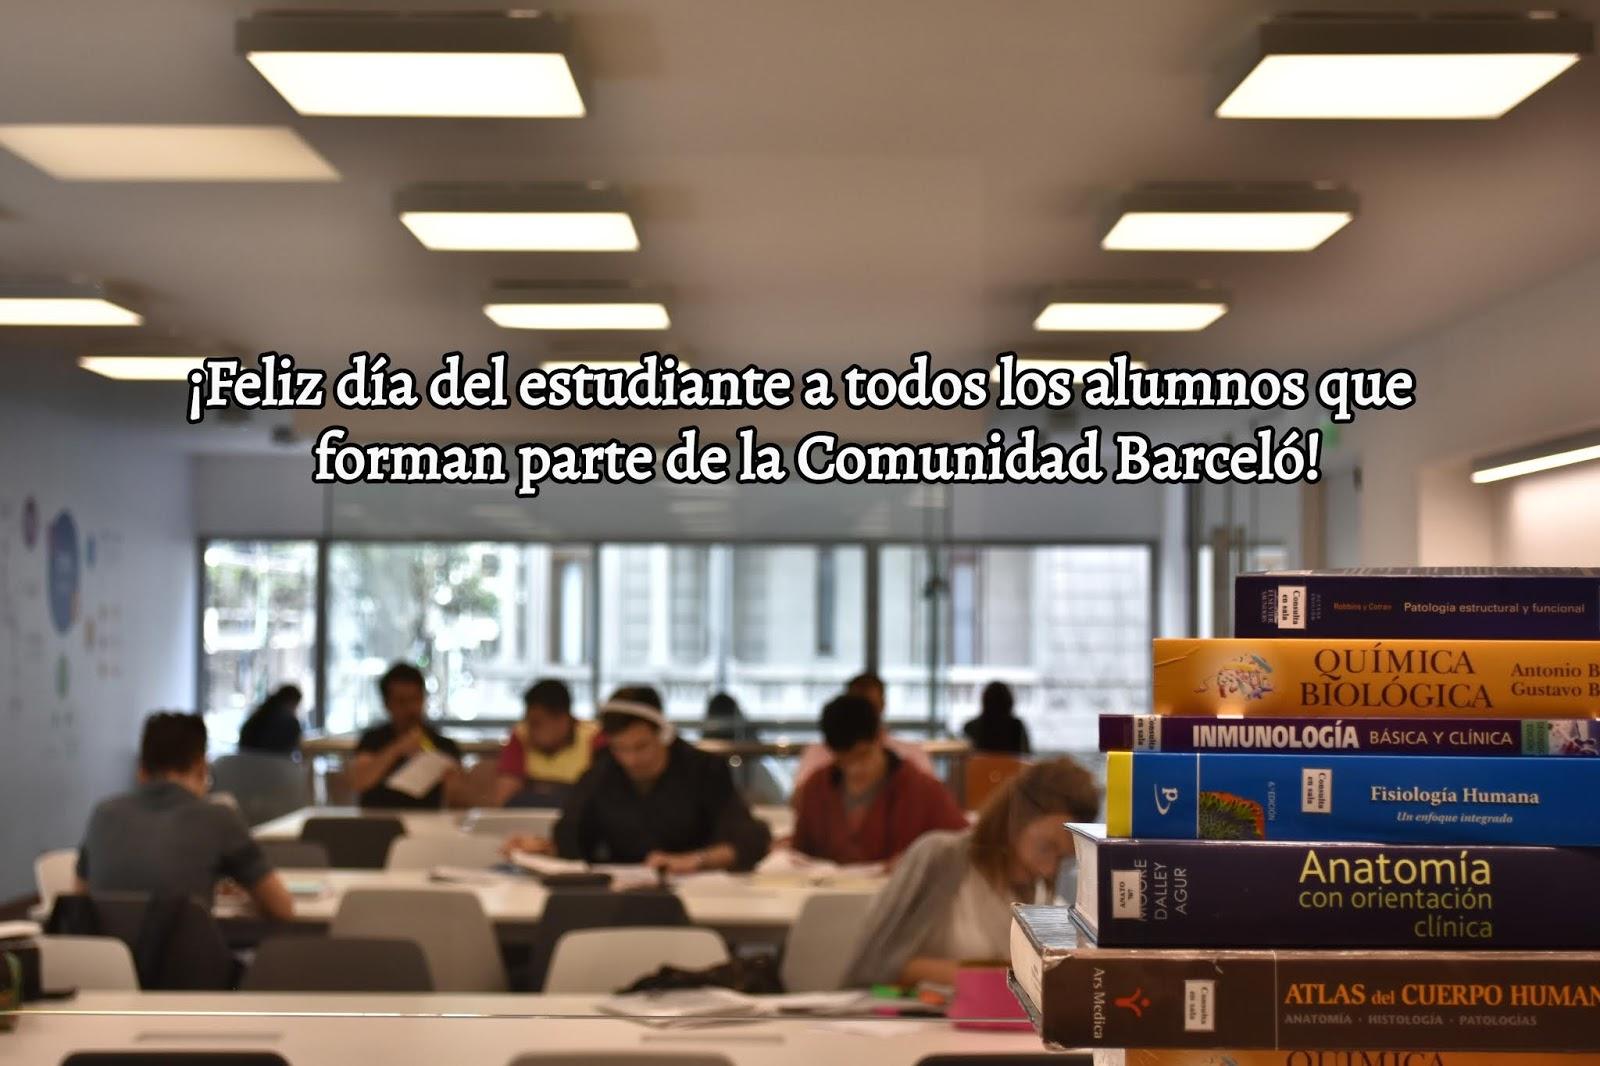 Biblioteca IUCS - Fundación Barceló